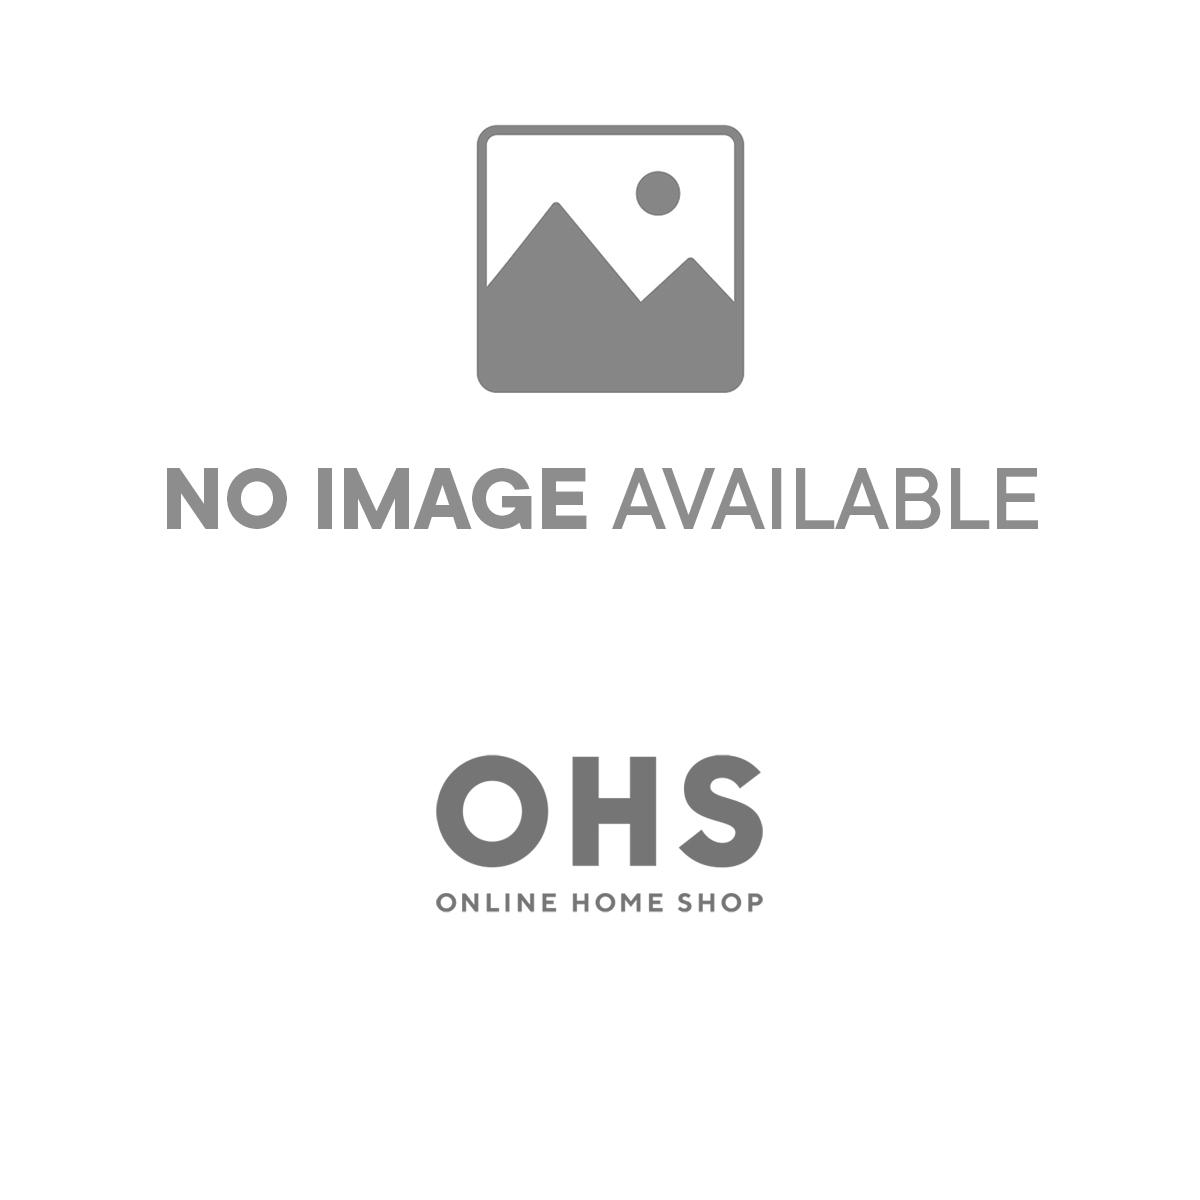 Brentfords Plain Duvet Cover Set - White